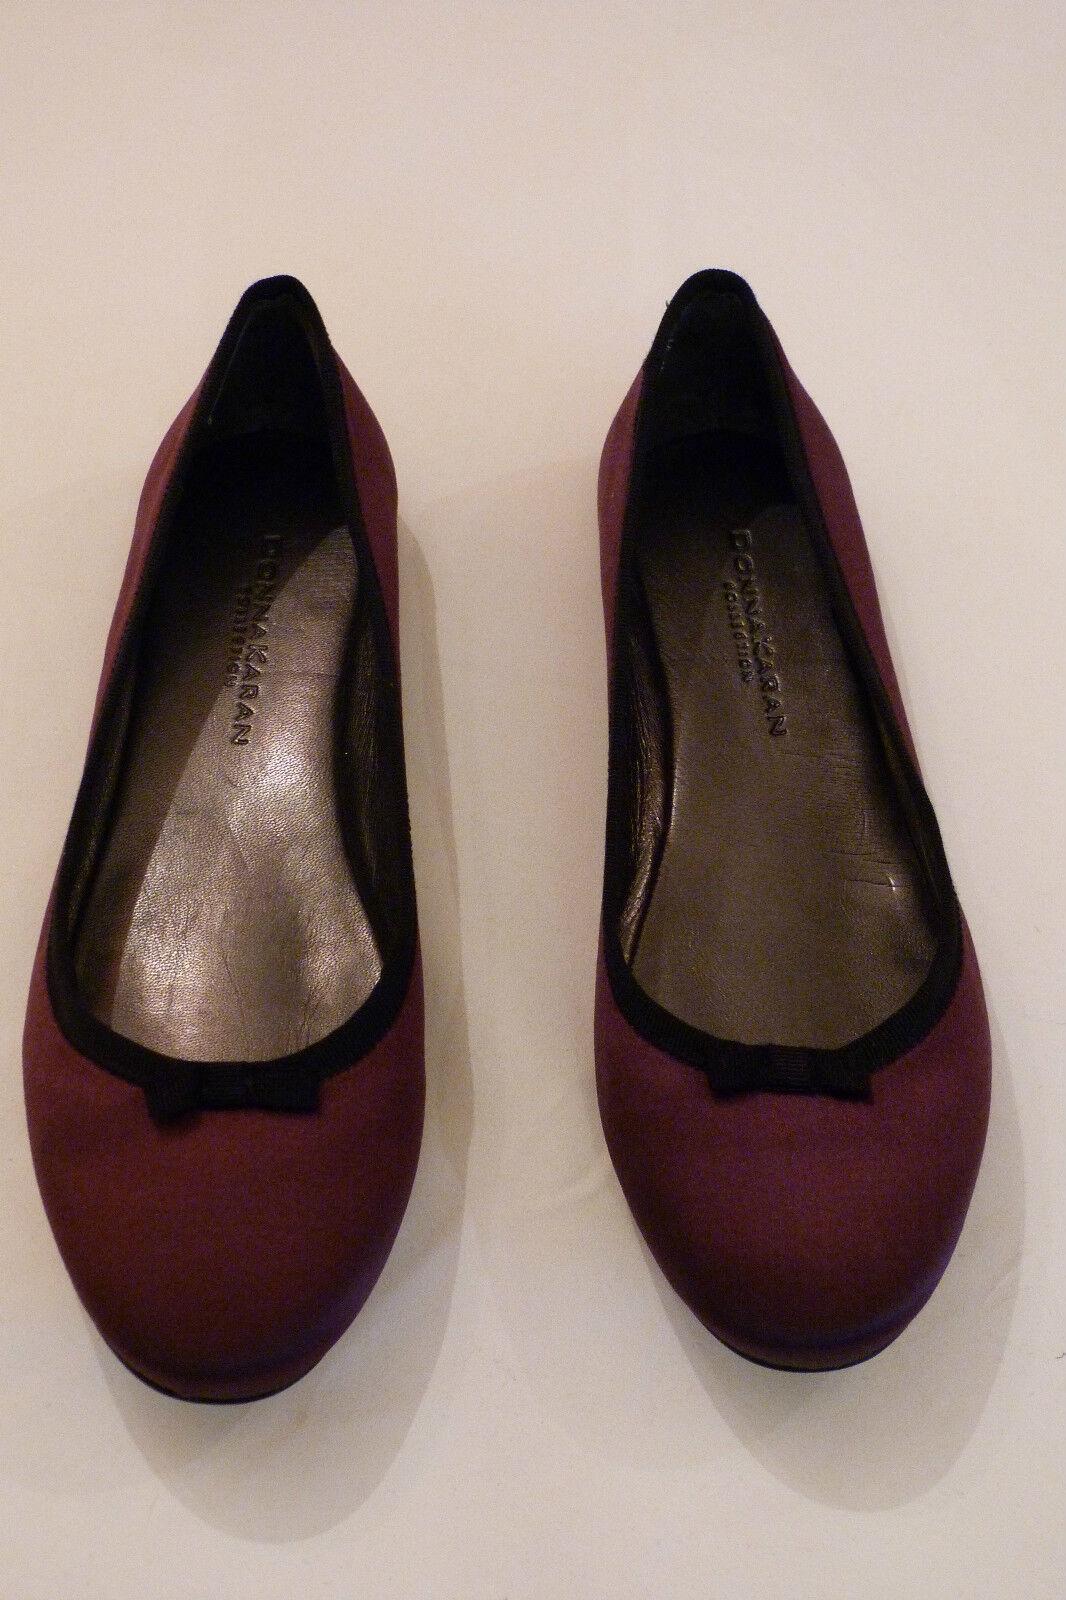 Nuevo Zapato Zapato Zapato De mujer Karan Collection púrpura. tamaño EUR 37 1 2 UK 4 1 2  ahorra hasta un 70%